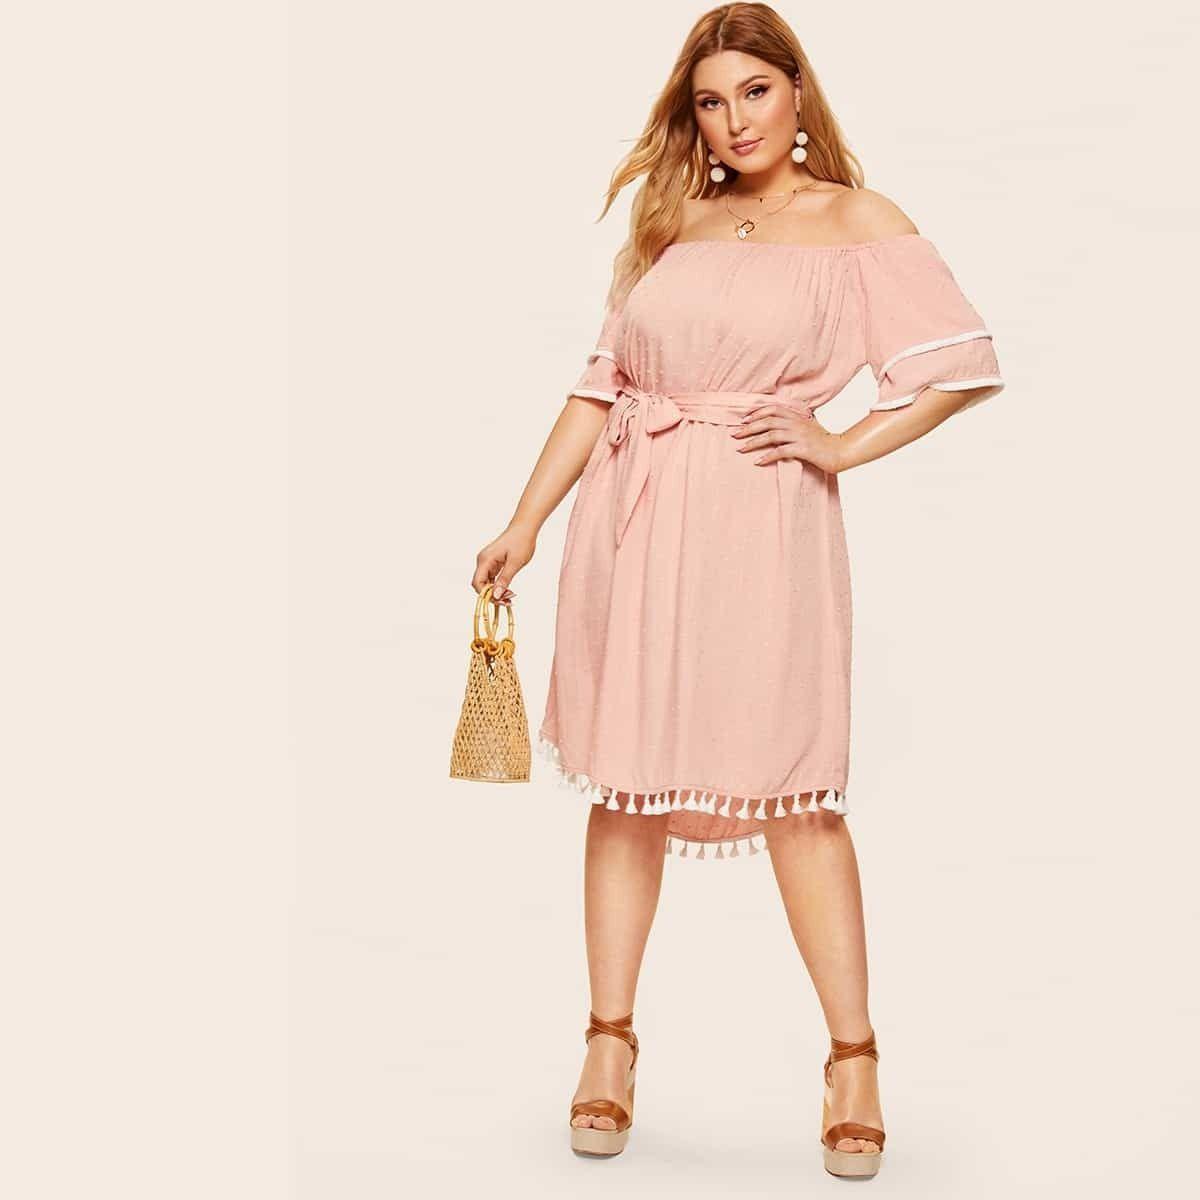 17 00 Vestido Con Cinturon Con Fleco De Hombros Descubiertos Grande Shein Tallas Grandes Shein Plus Size Dresses Belted Dress Half Sleeve Dresses